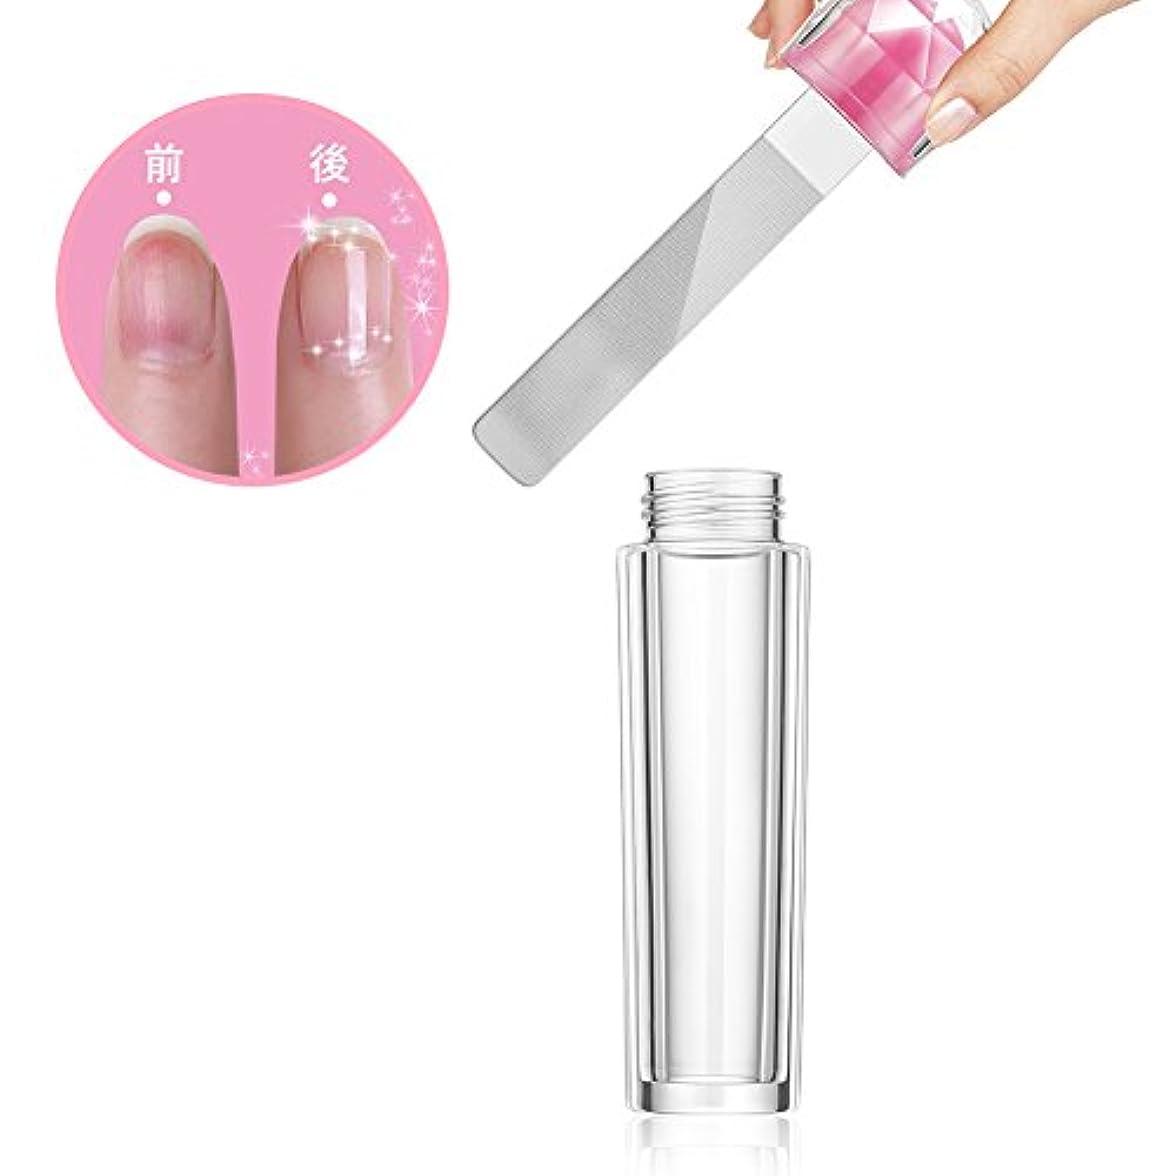 故障ポータルファックスガラス製 爪やすり 爪磨き ネイルケア ケース付き ネイルシャイナー ネイルケア (1個) (1個)